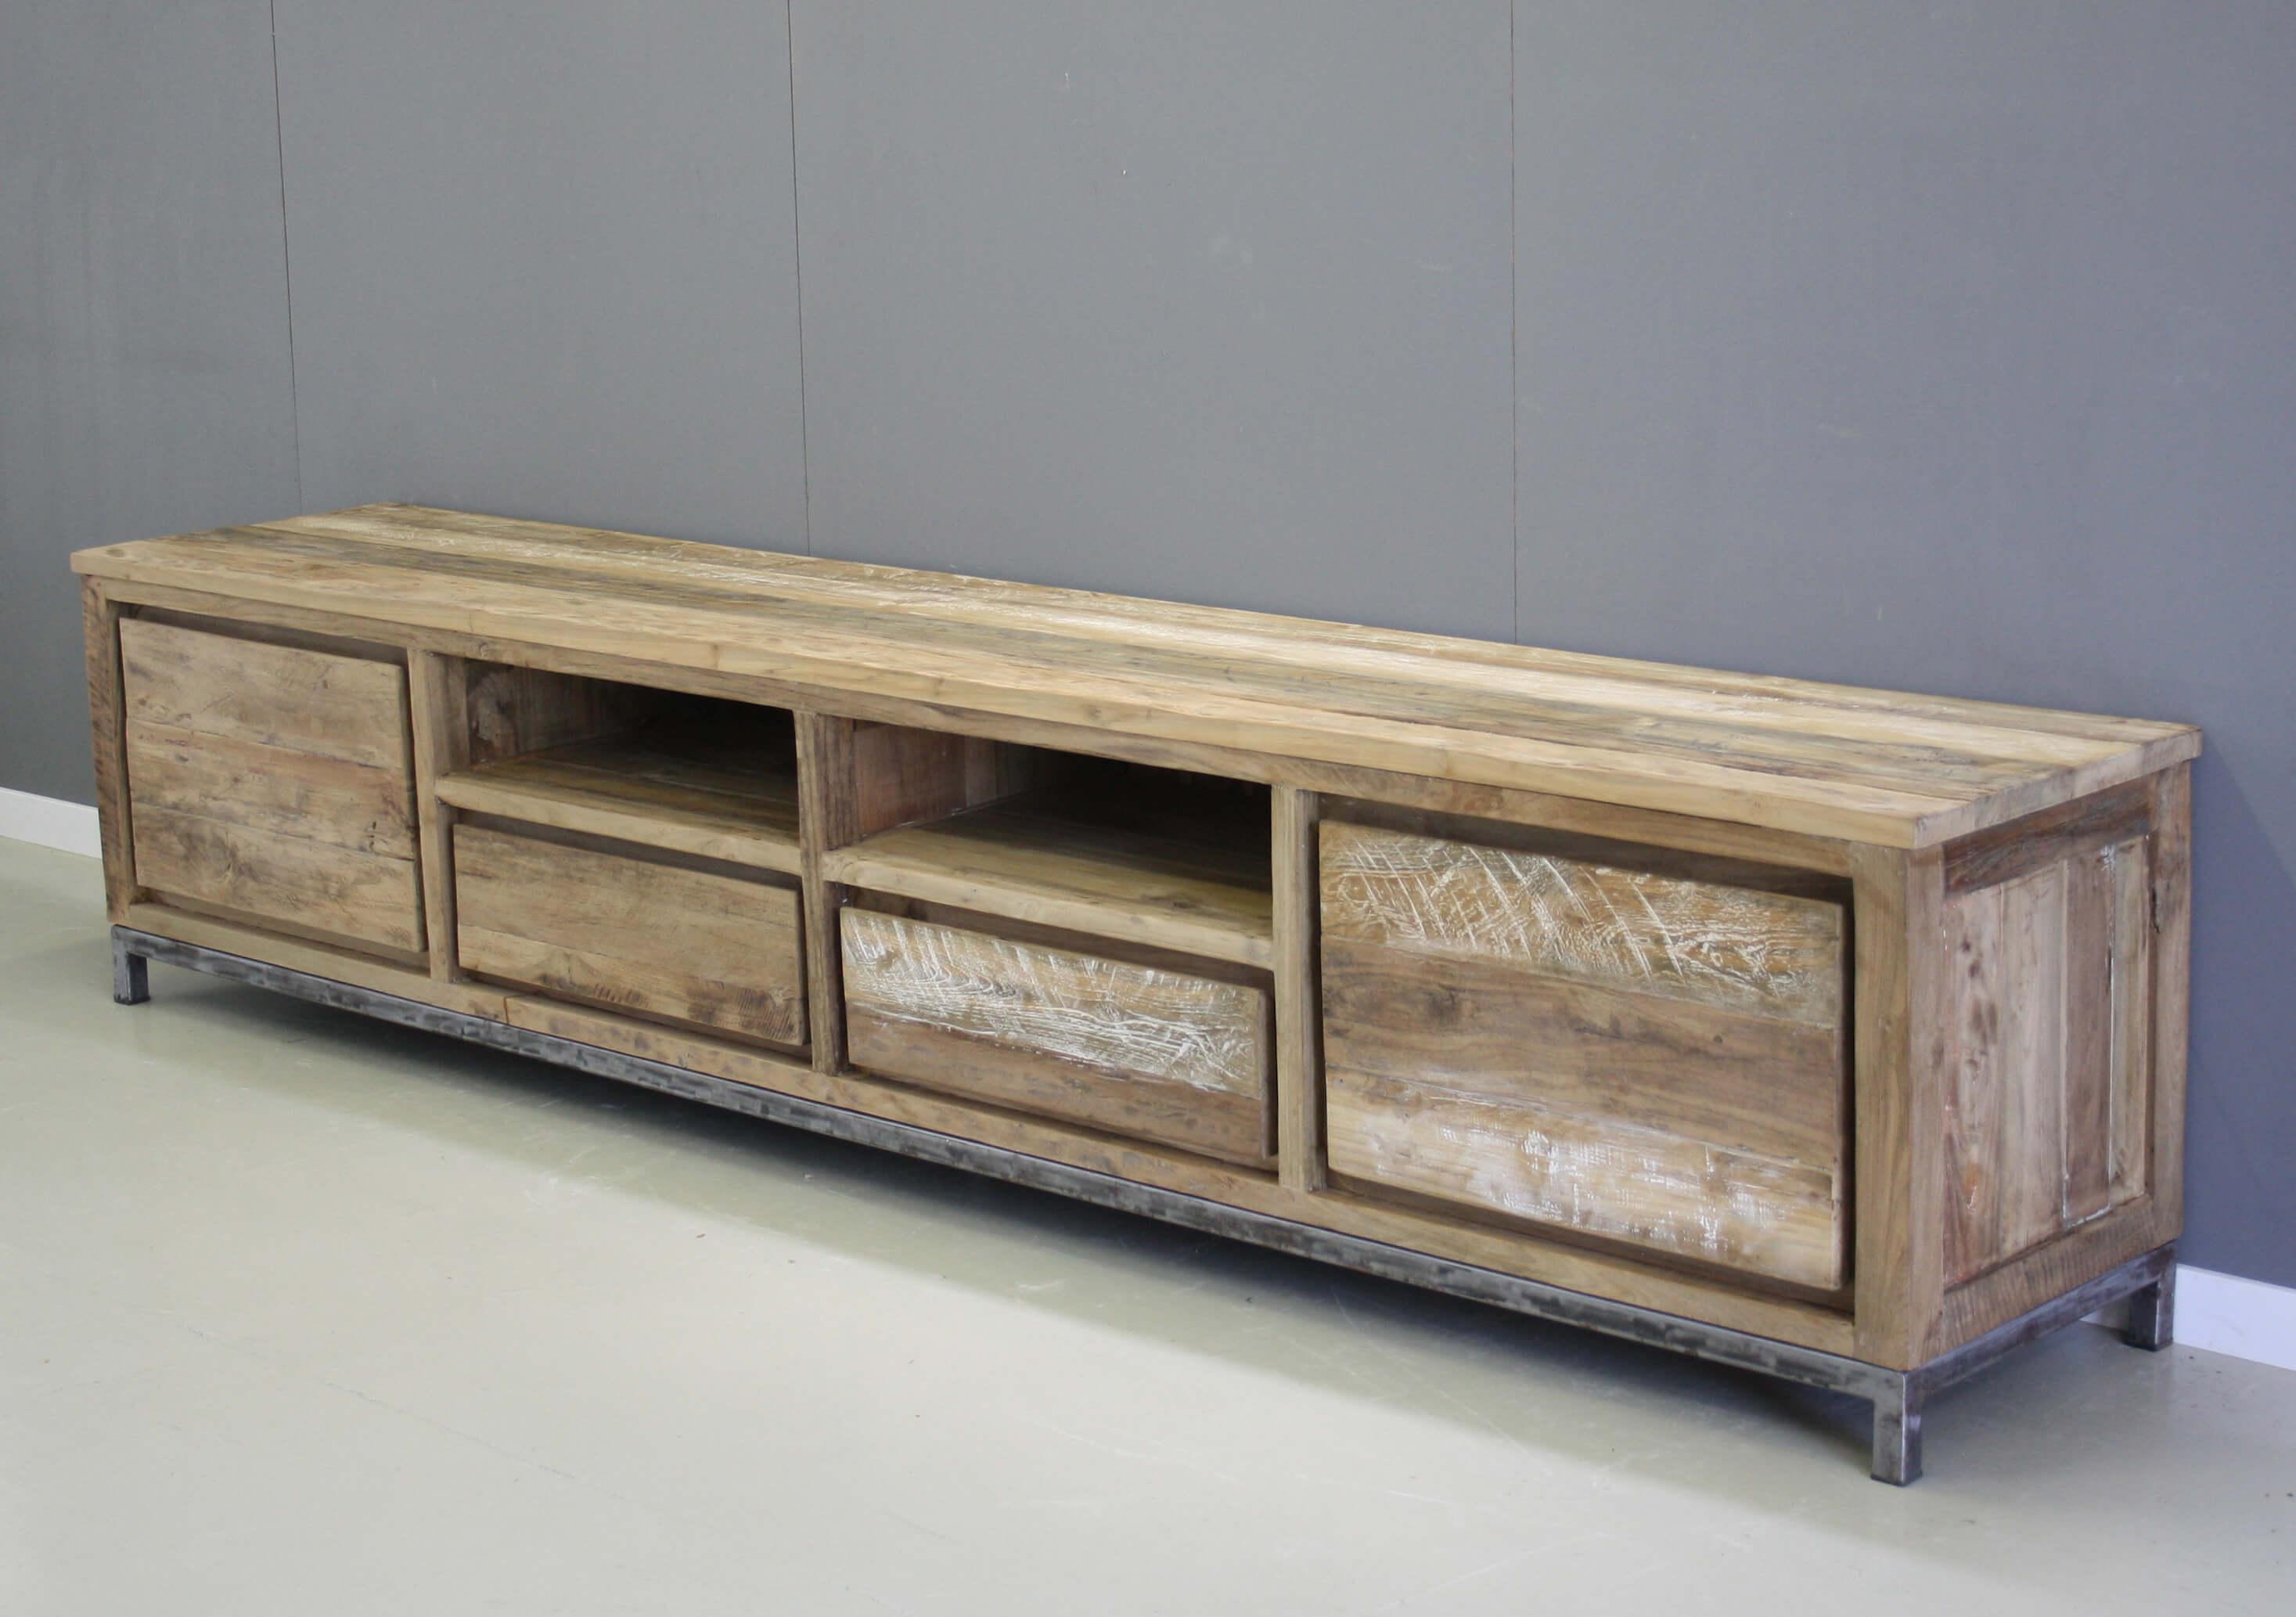 Meubel Den Haag : Teak meubelen den haag meubels kopen meubelen voor ieder